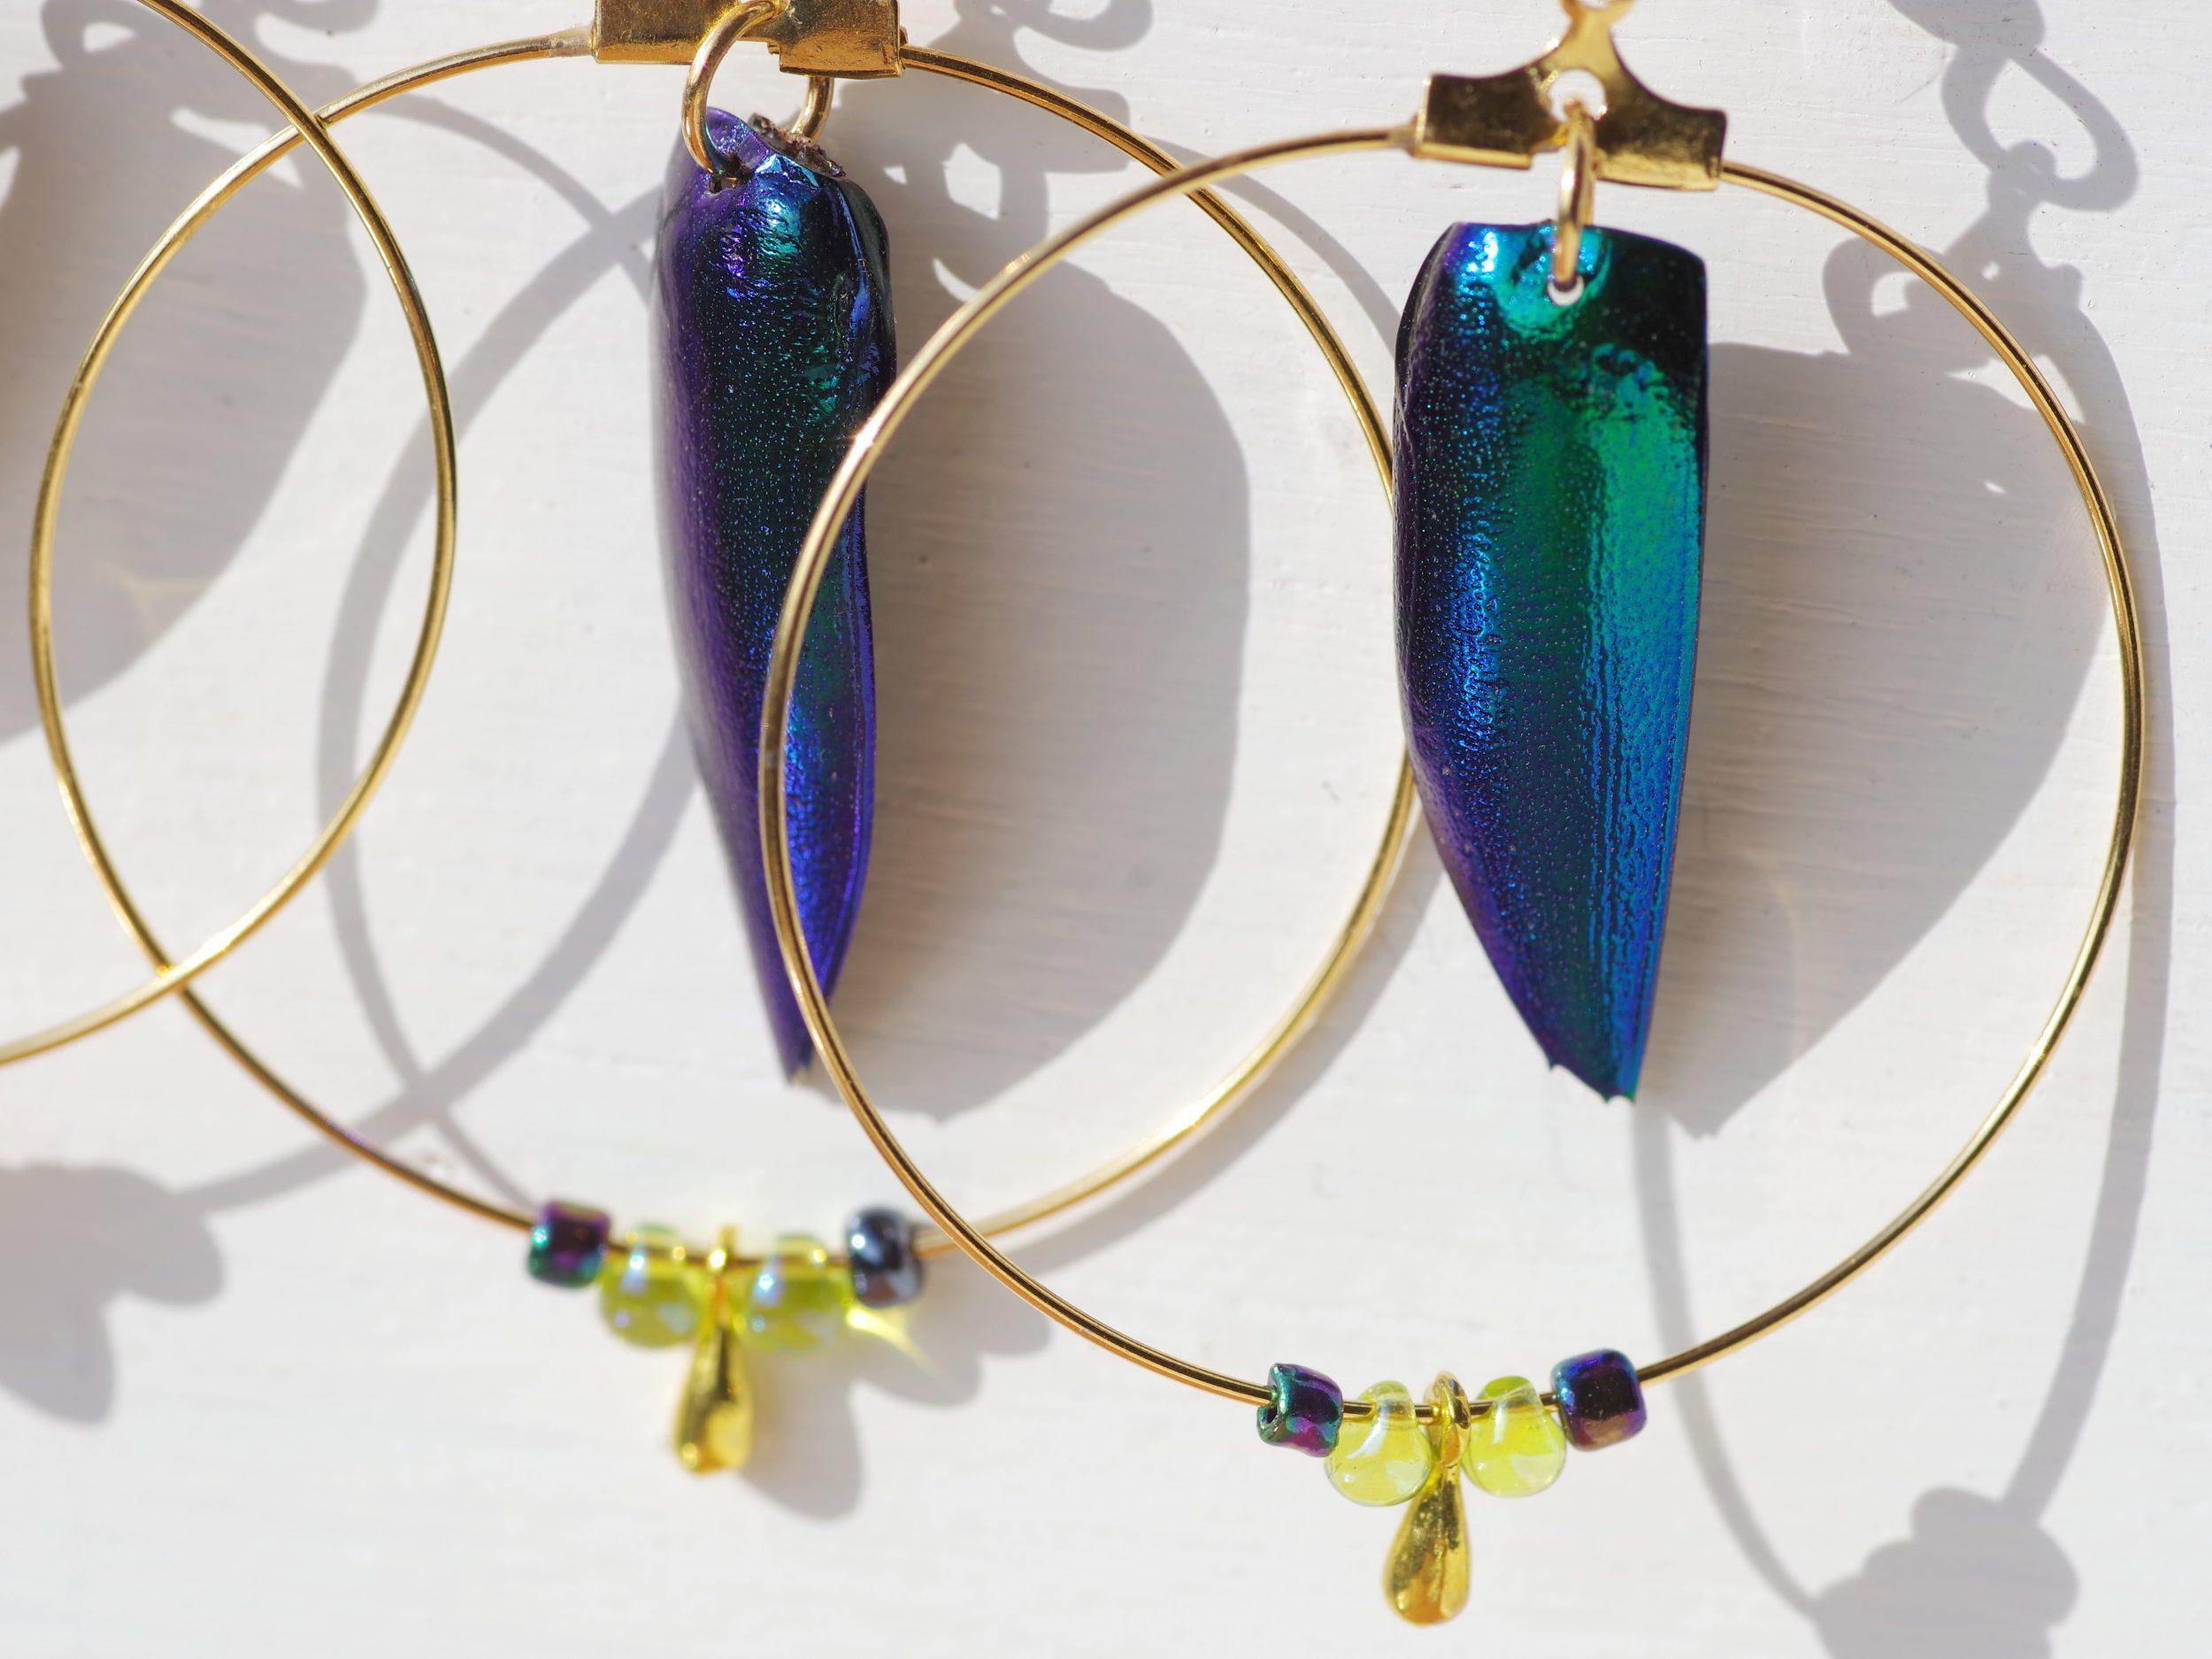 boucles d'oreilles dorées : grands anneaux dans les quels pendent des élytres bleu-vert de scarabée. Les couleurs sont chattoyantes avec des reflets métalliques. Petites perles de verre assorties.